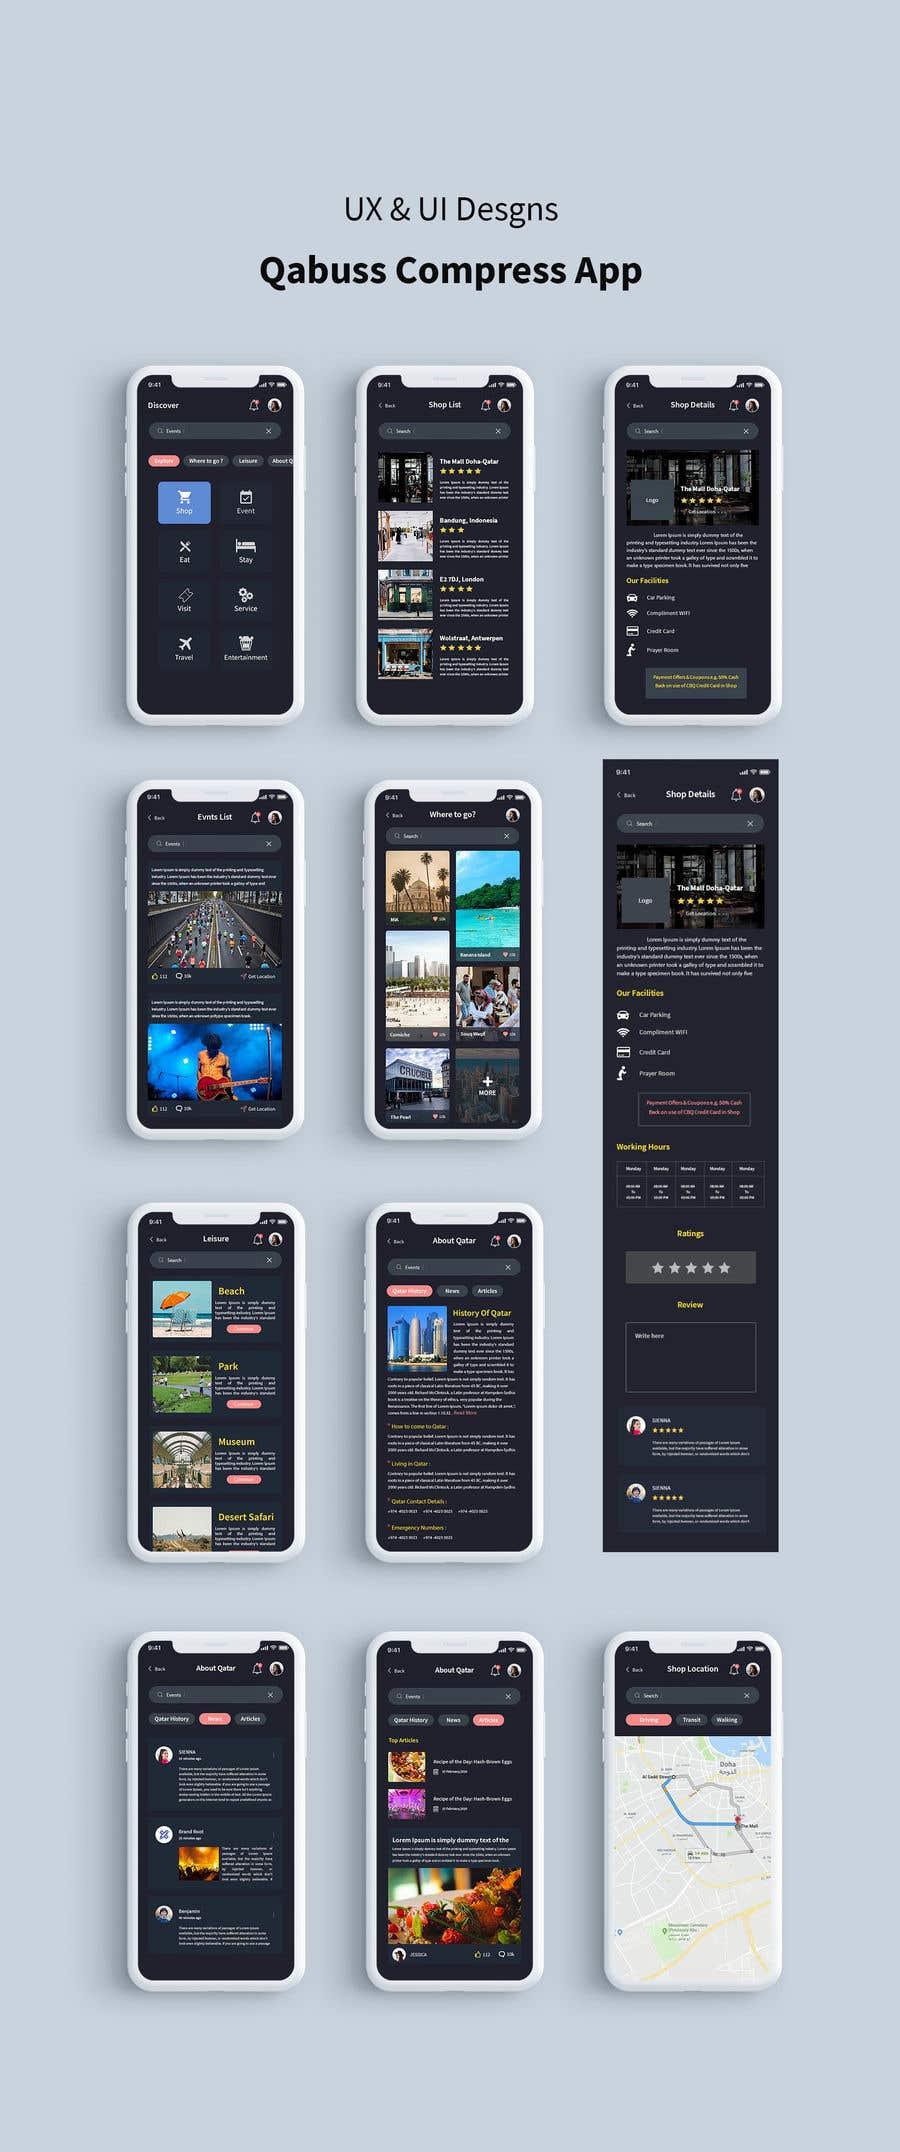 Konkurrenceindlæg #43 for Ui Ux Design for a Mobile App